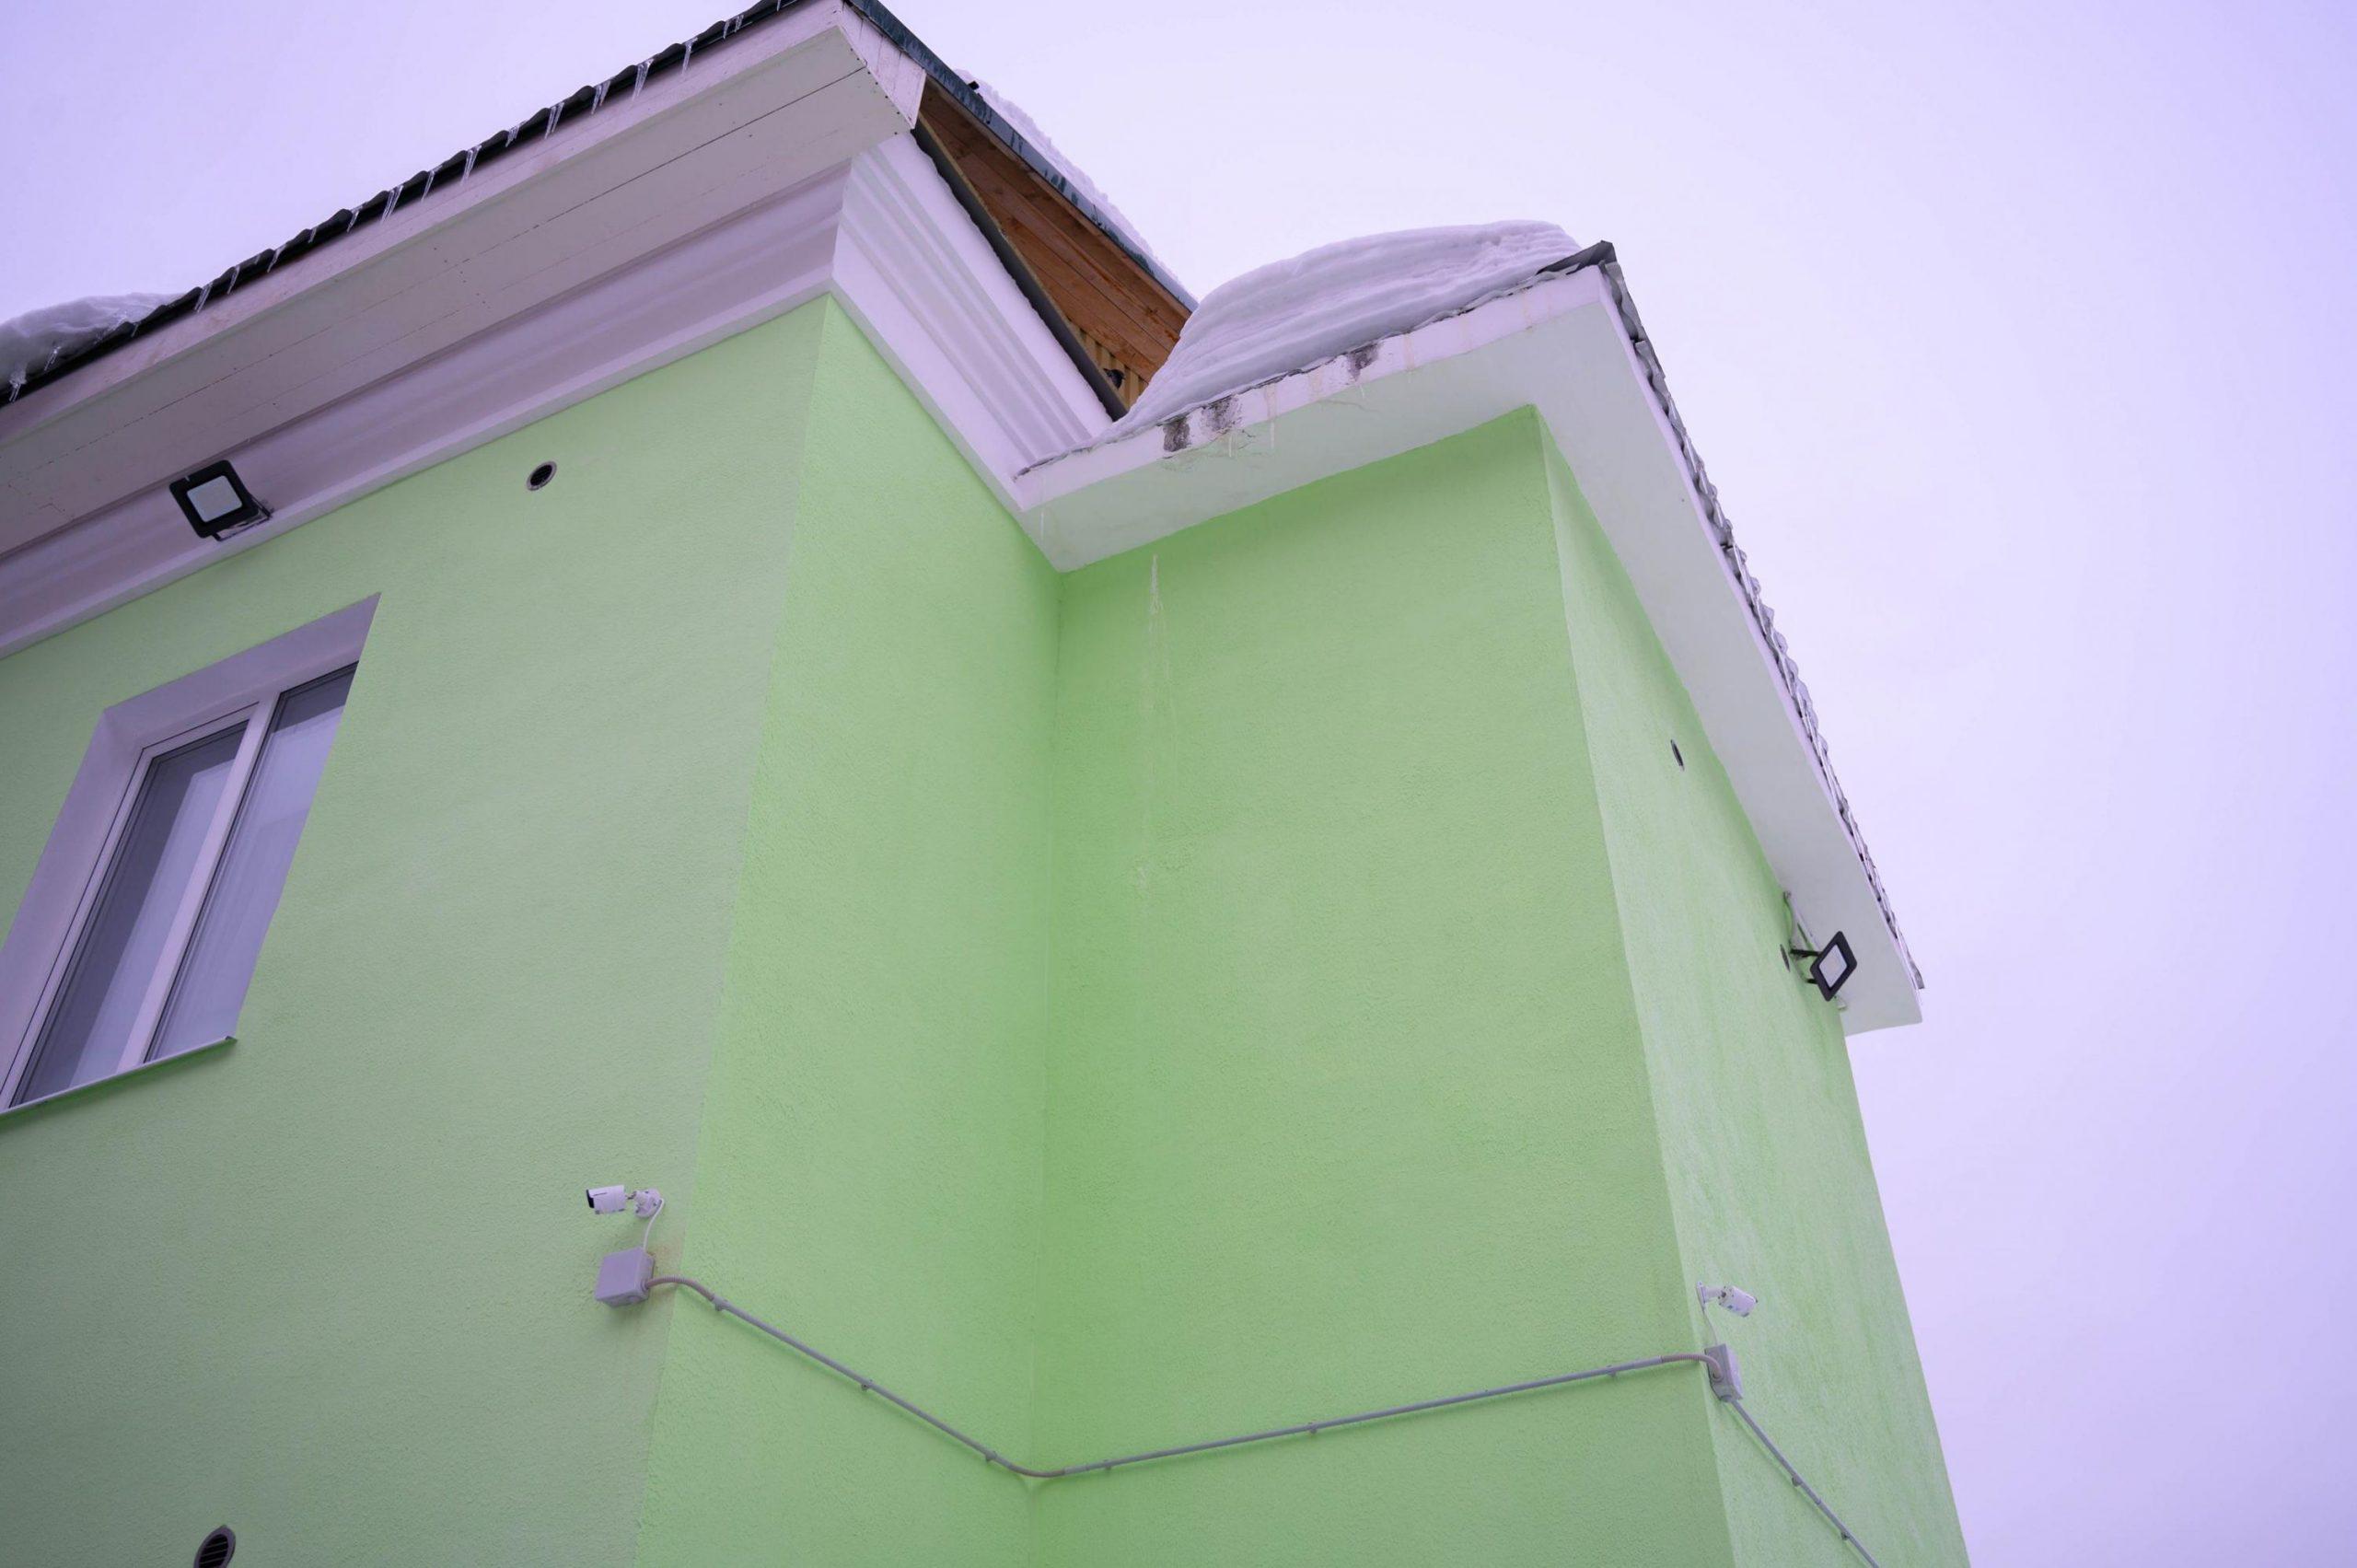 Первый умный дом с сервисом «Ростелеком Ключ» появился в Мурманске